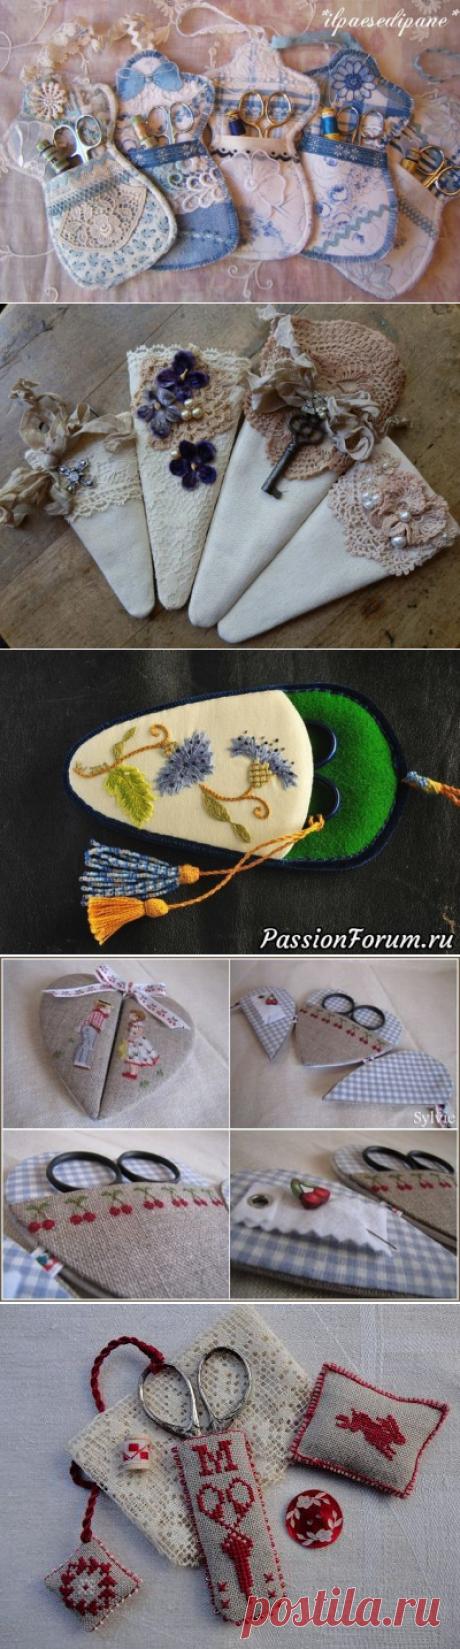 Мадам Рукоделкина - идеи и образы для рукоделия.Чехлы для ножниц. Идеи для вдохновения